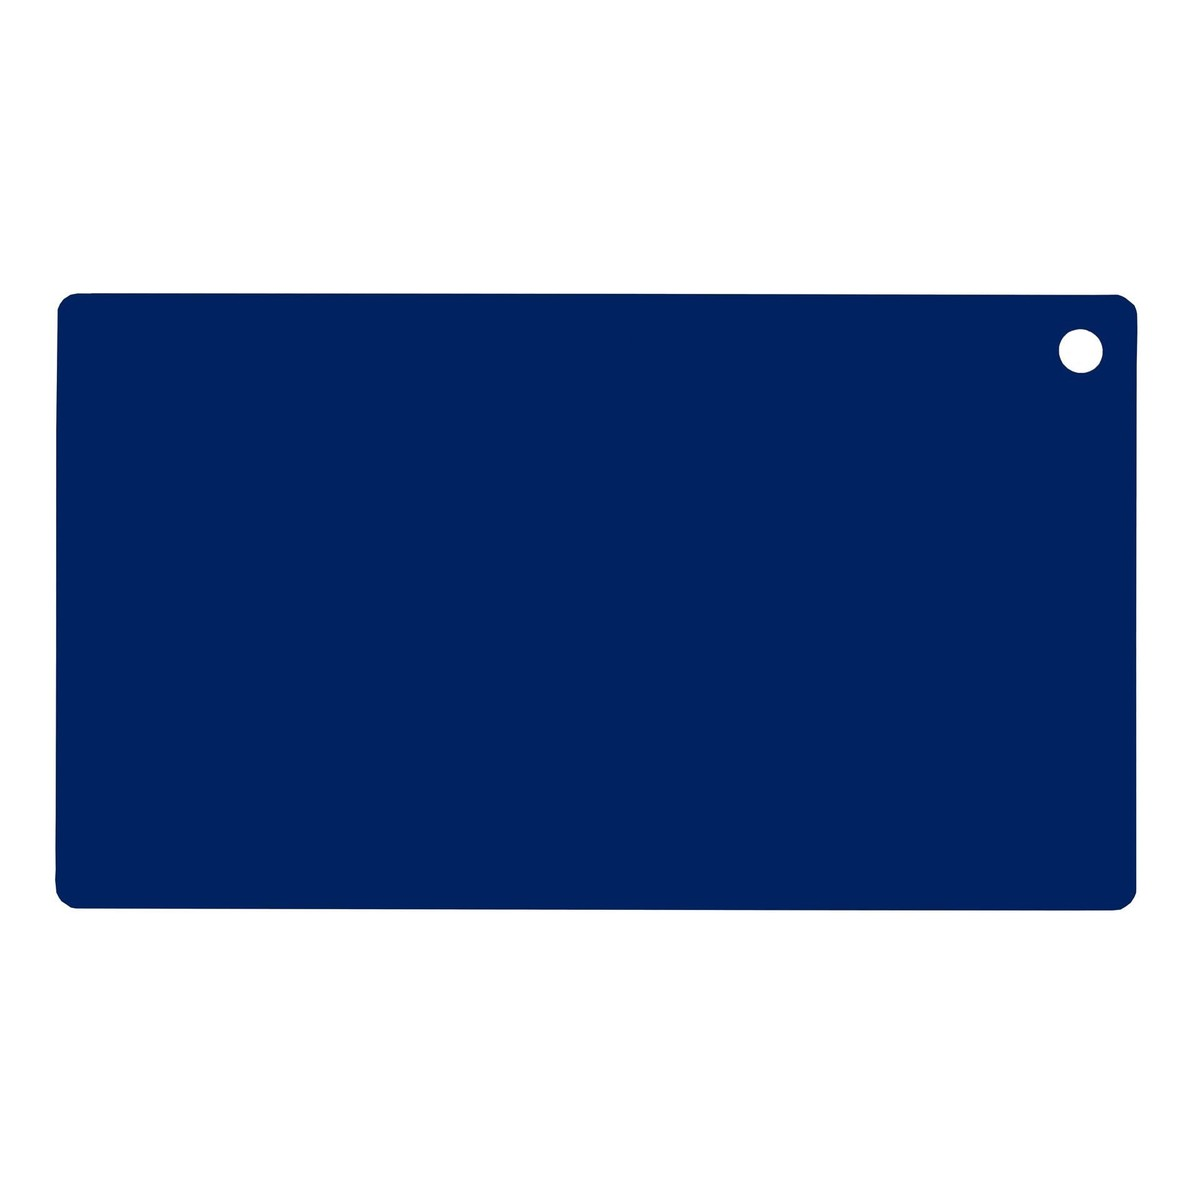 """Auflagen für Schneidbrett 1/1 GN (53x32,5 cm) Auflagen für Schneidbrett """"GOURMET BOARD"""" 1/1 GN (53x32,5cm)"""